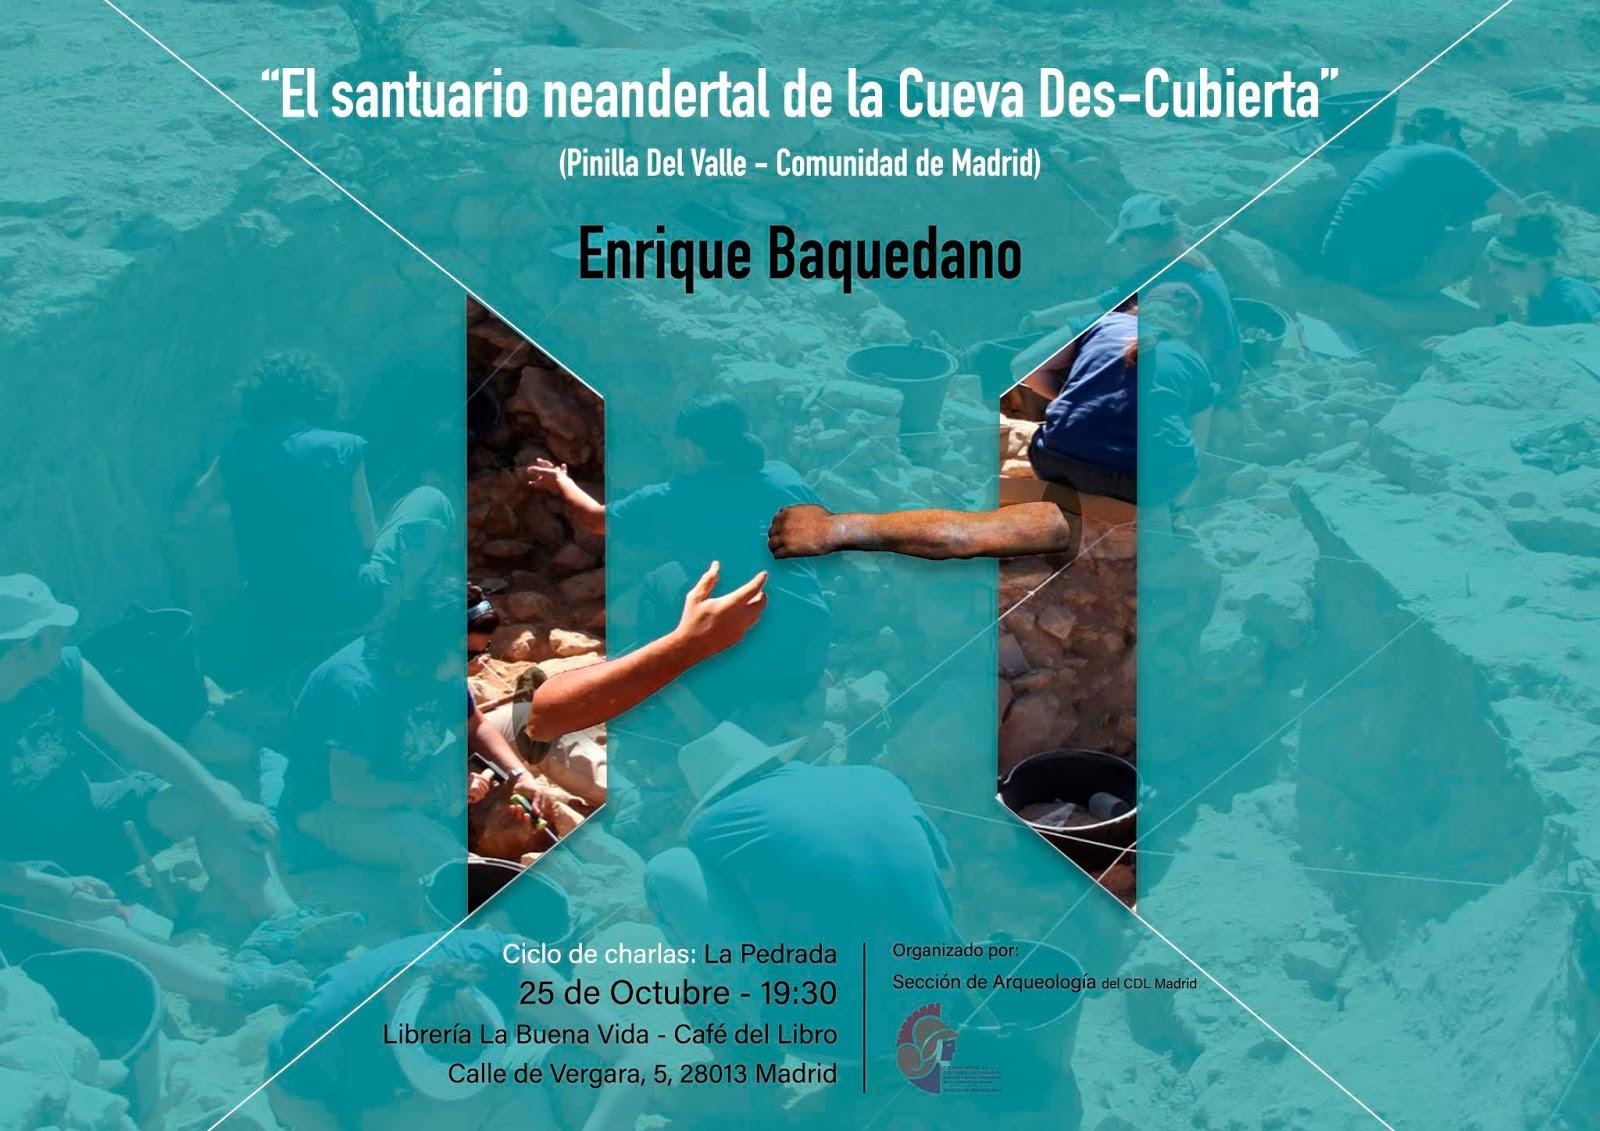 Conferencia 'El santuario neandertal de la Cueva Des-Cubierta', a cargo de Enrique Baquedano. Foto: Sección Arqueología CDL Madrid